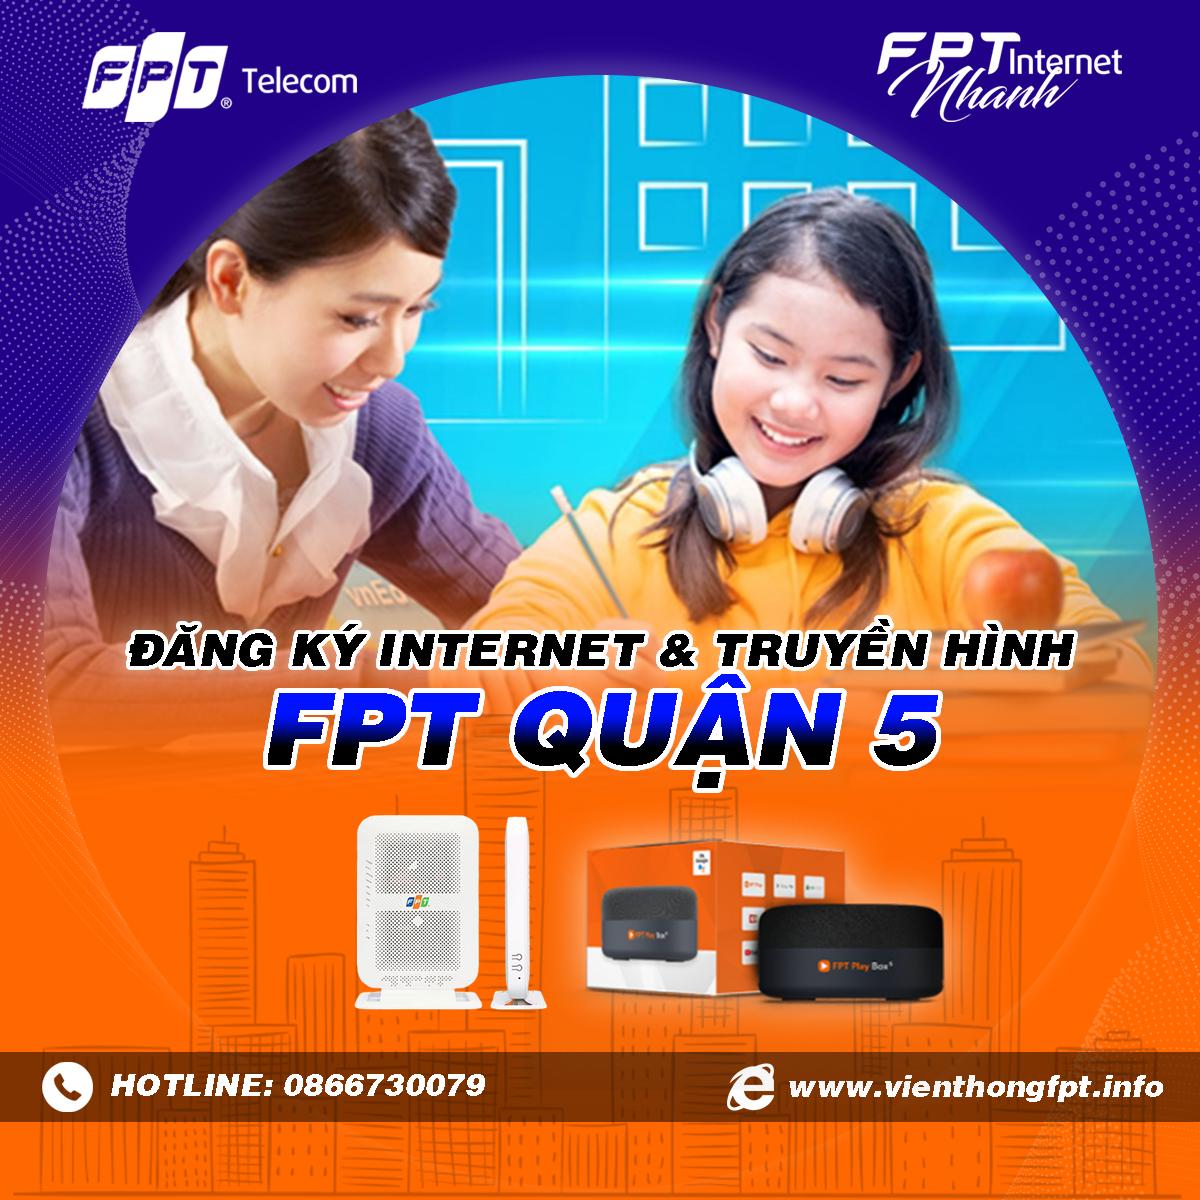 Chi nhánh FPT Quận 5 - Tổng đài lắp mạng Internet và Truyền hình FPT